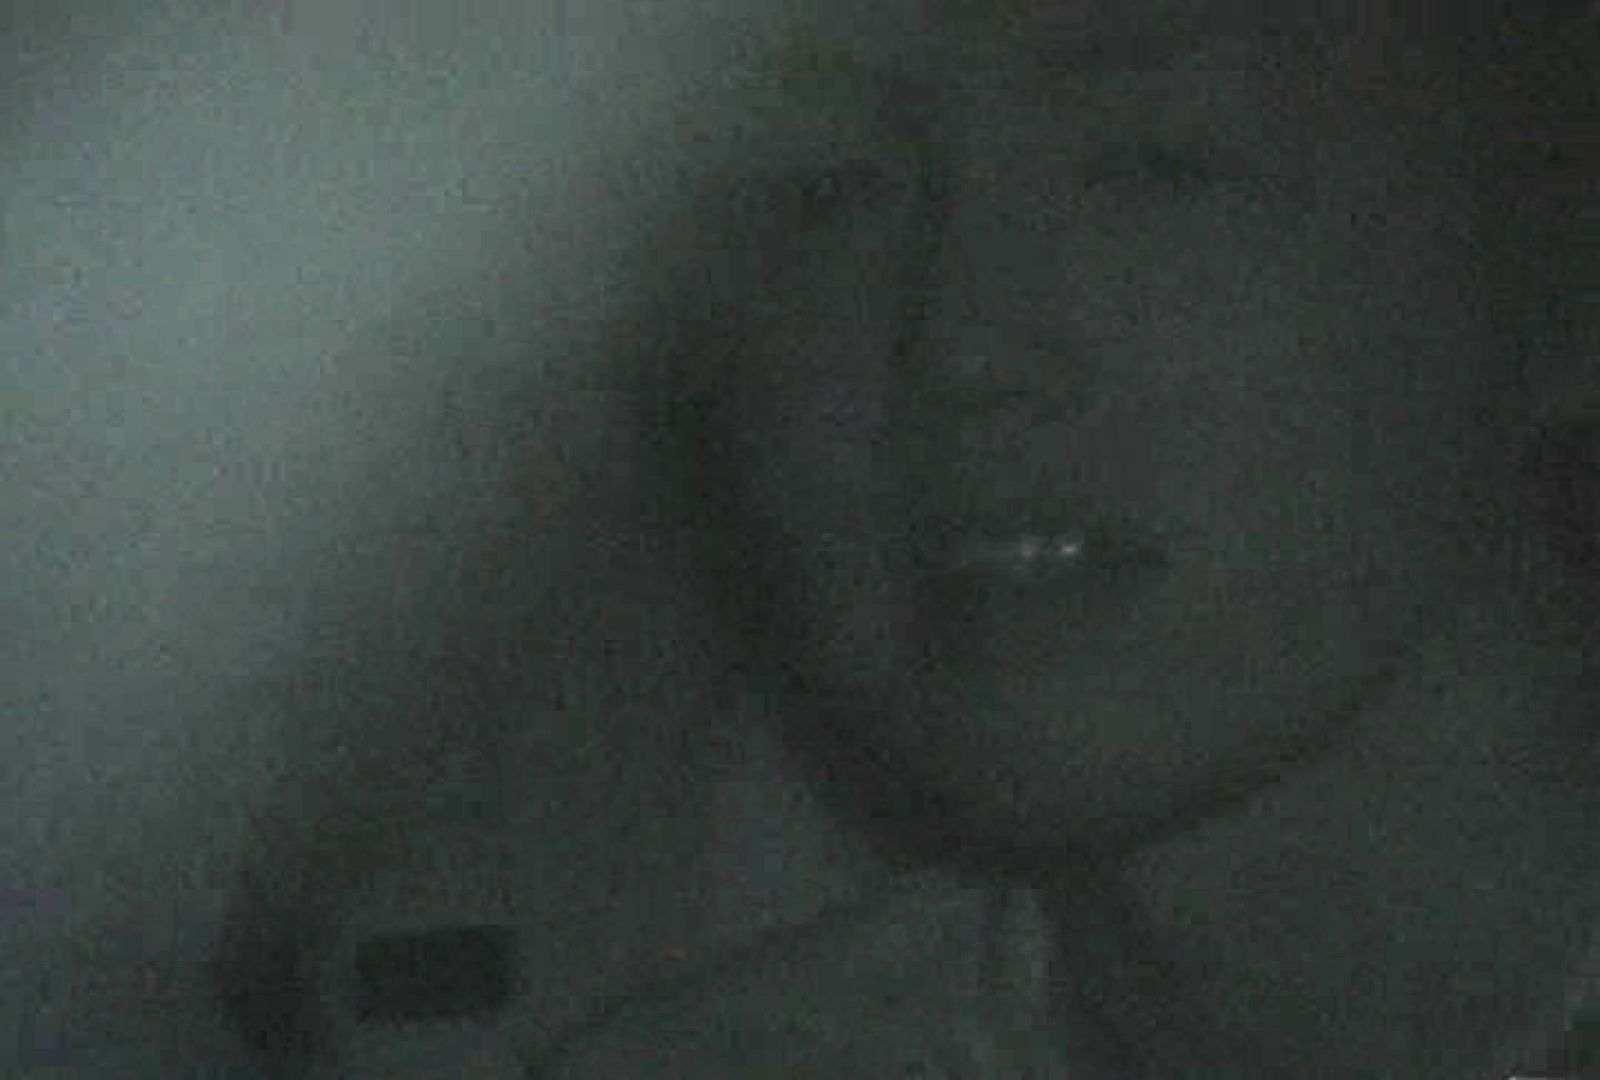 「充血監督」さんの深夜の運動会!! vol.042 ギャル盗撮映像 AV無料動画キャプチャ 68PIX 38